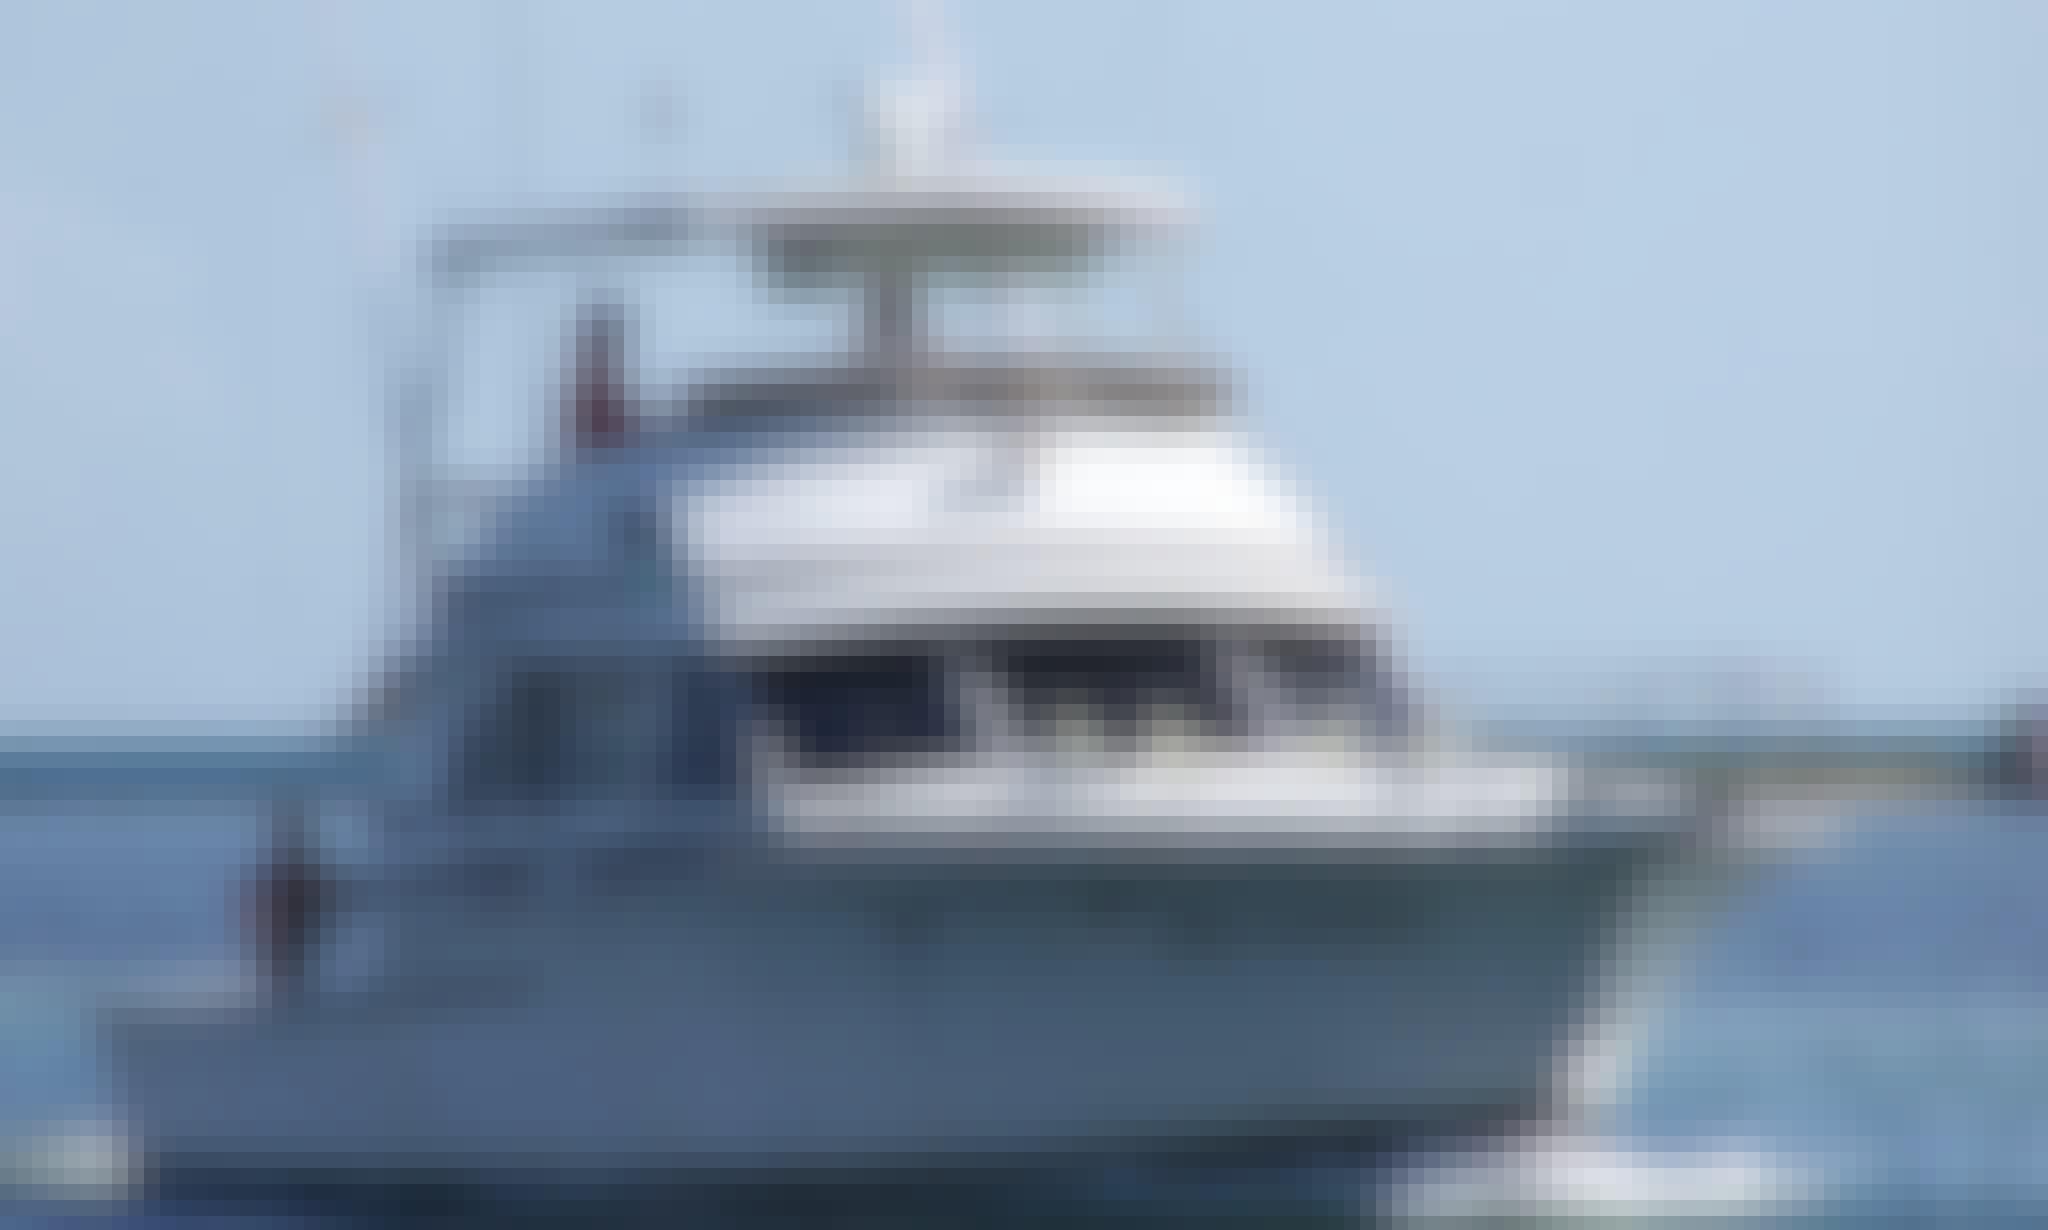 Deep Sea Fishing Charter onboard 46' Bertram Sportfisherman in Key West, Florida!